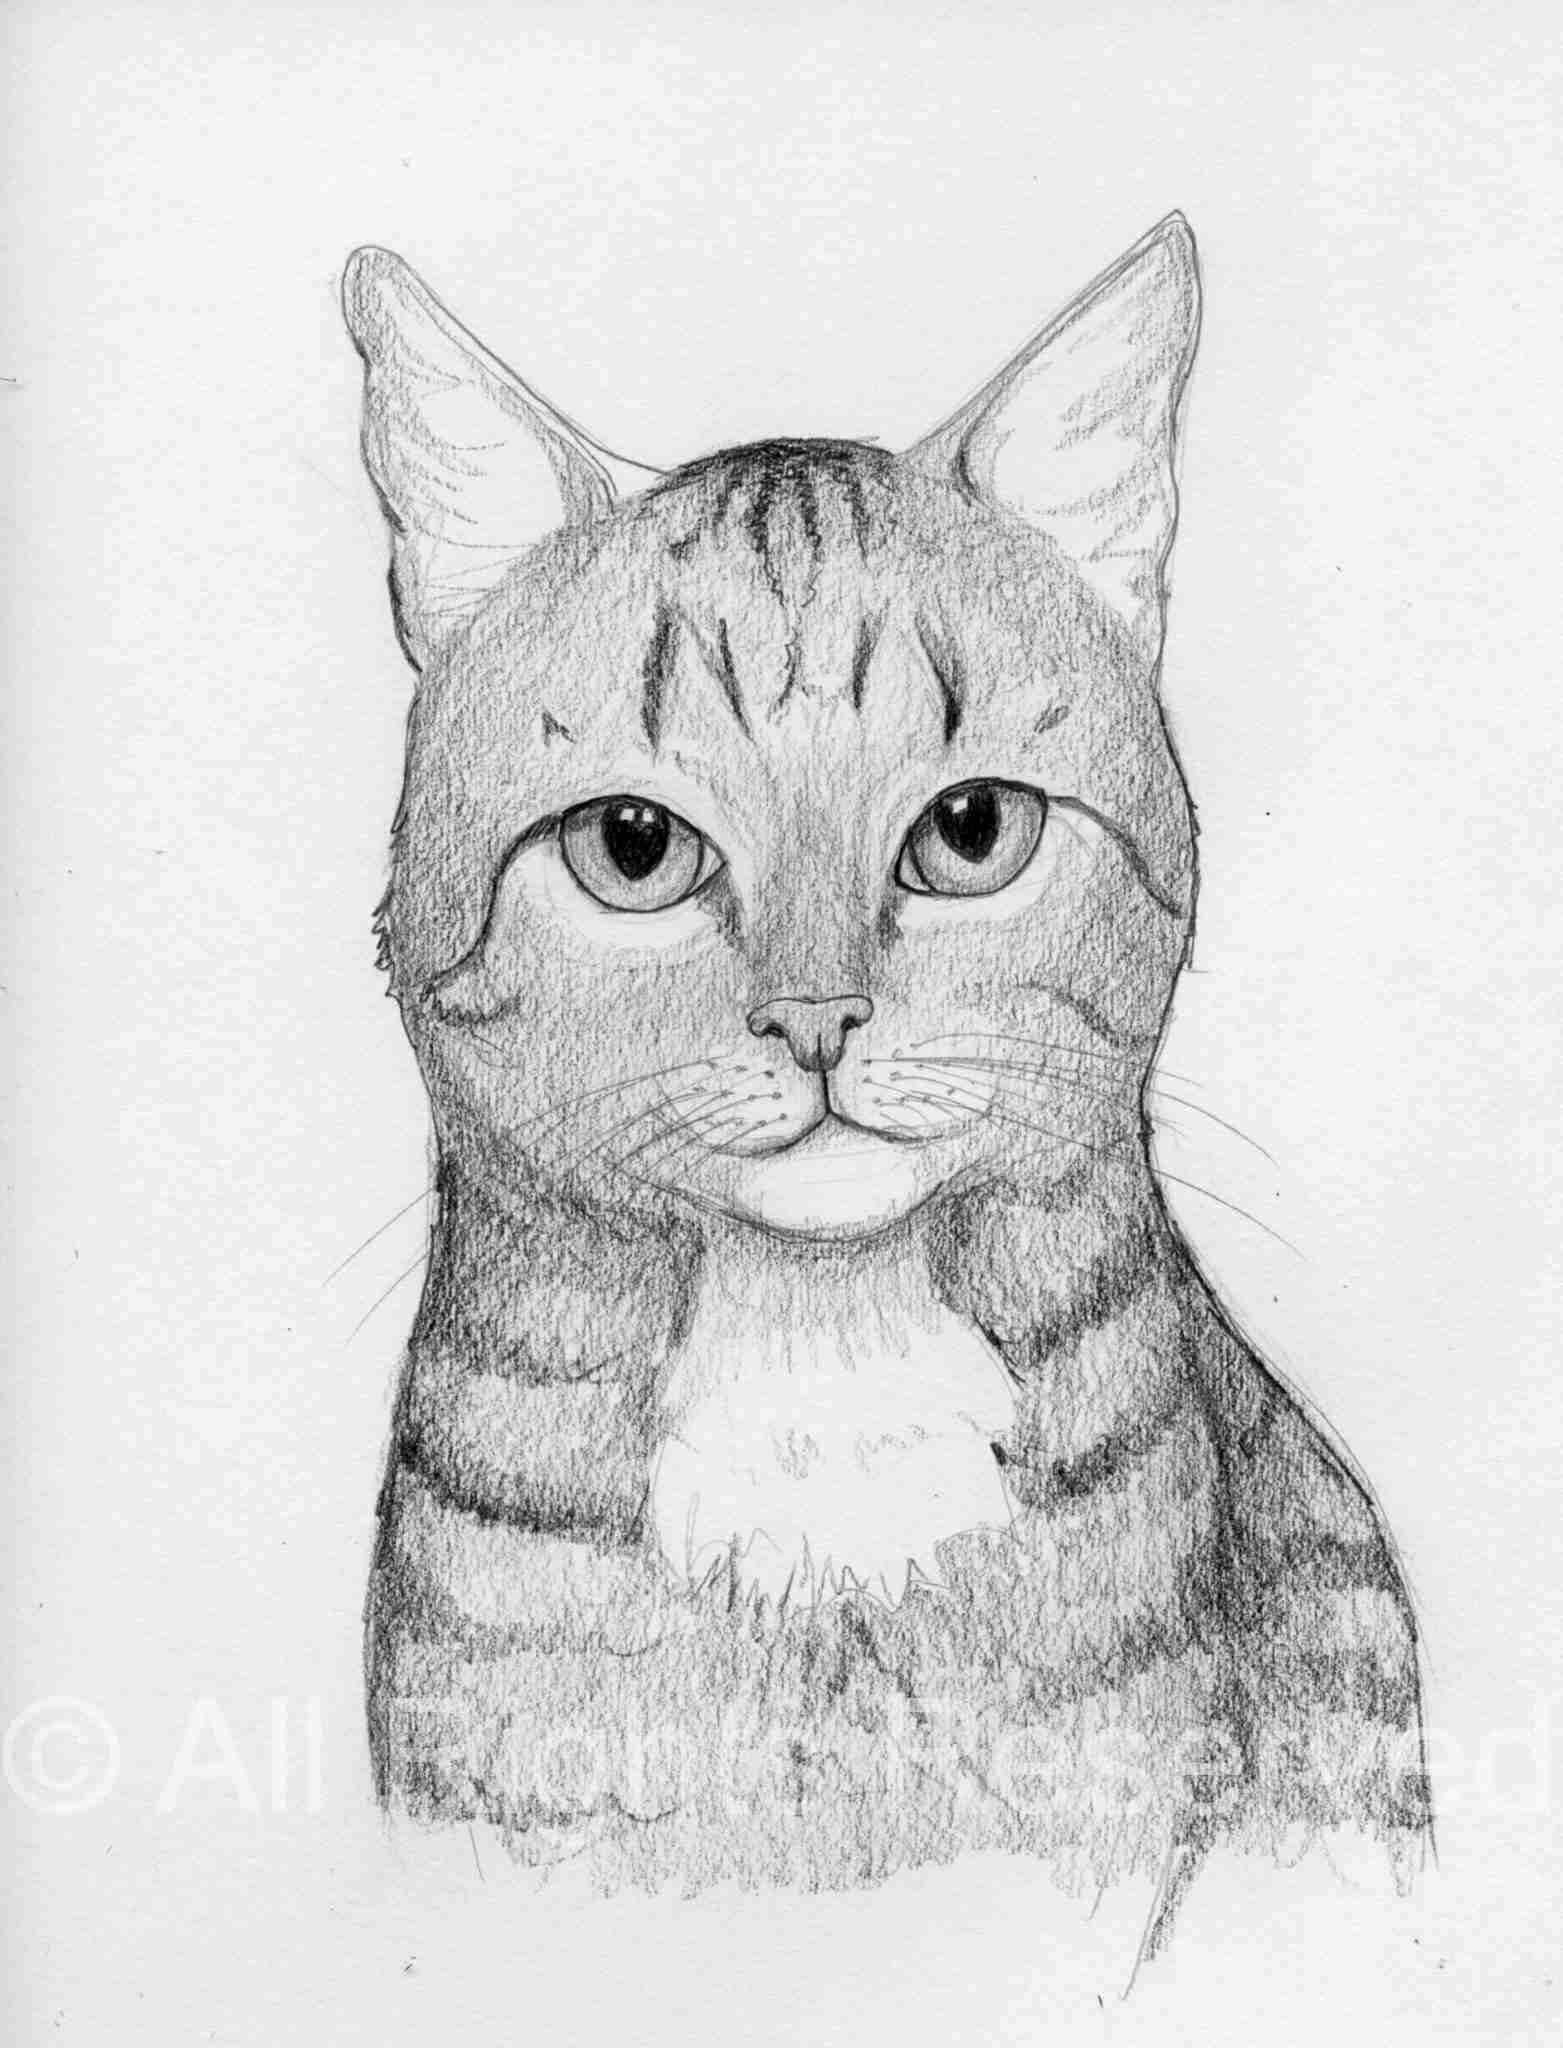 Cat Doodle 41 – Chief